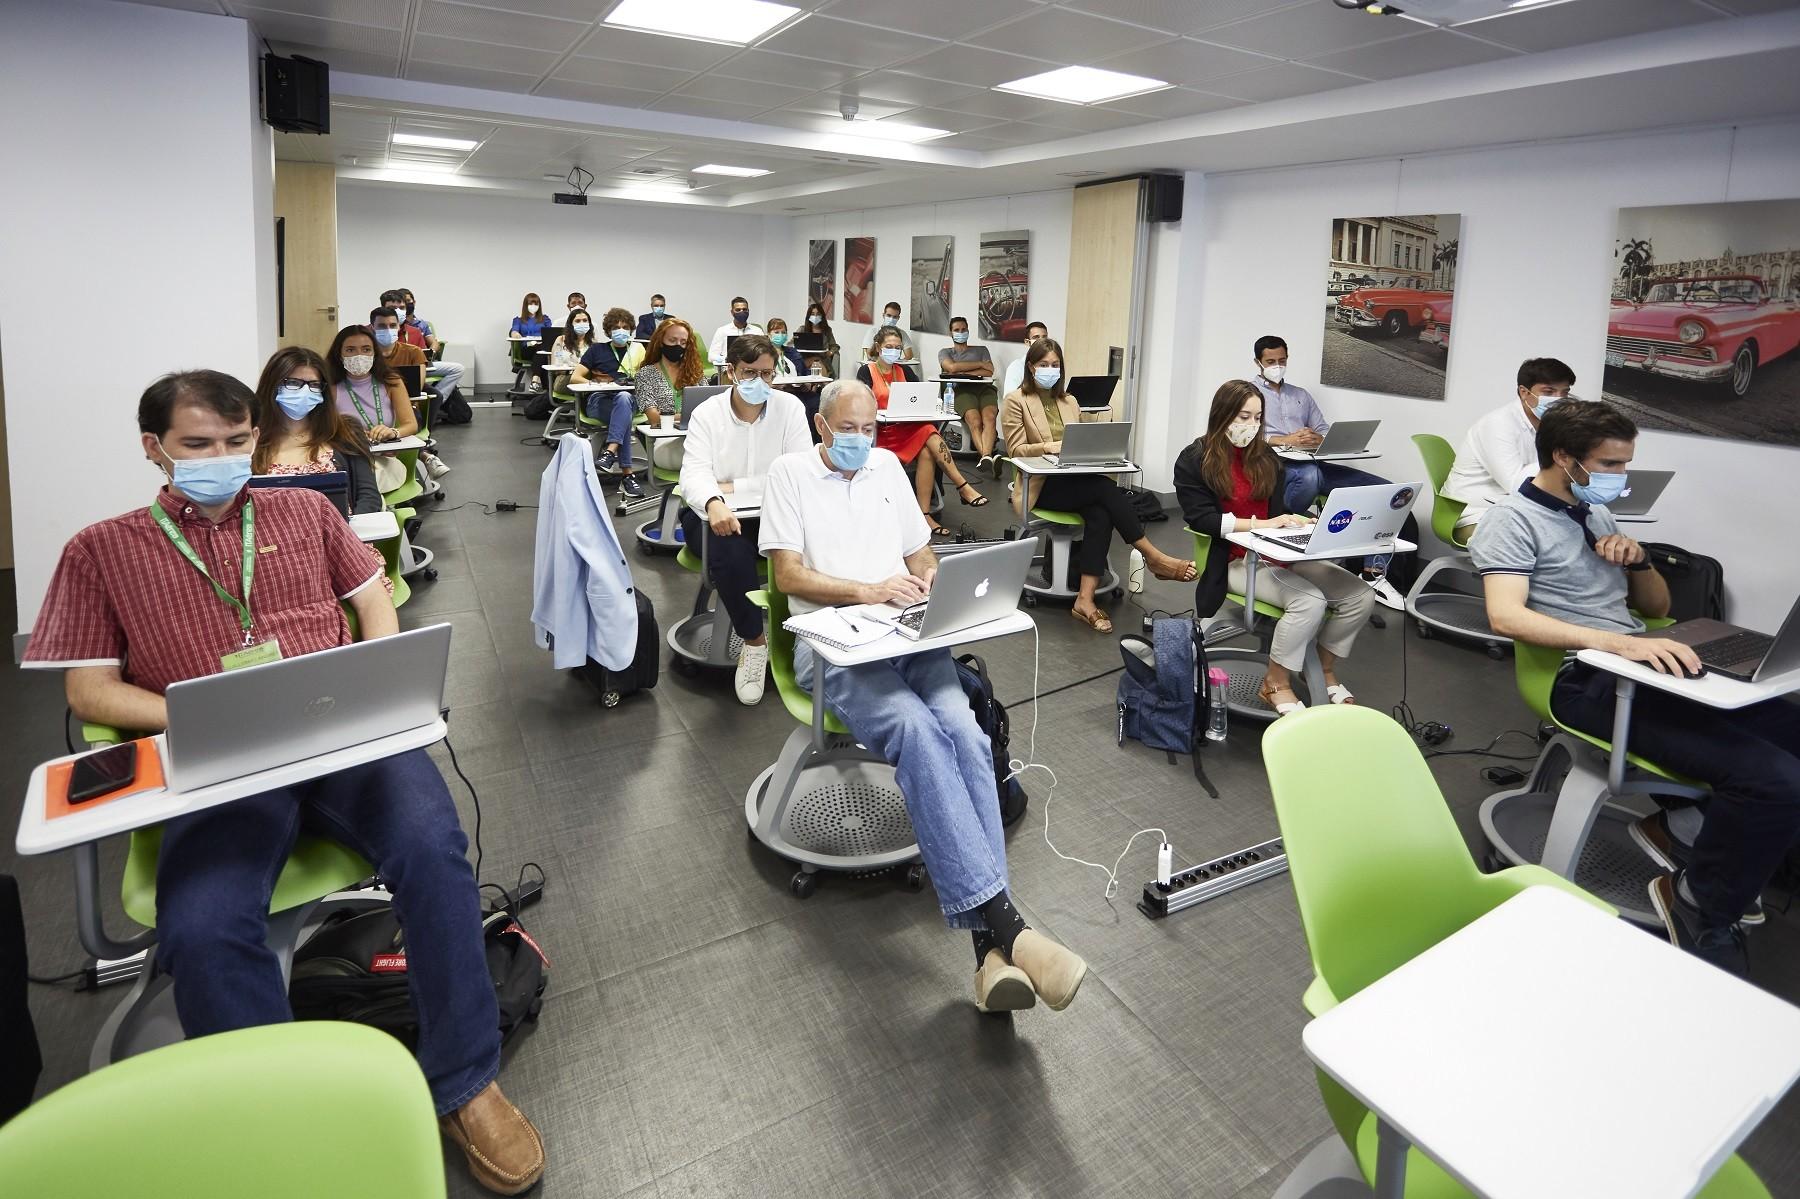 MG 8851 - Éxito en el regreso a las aulas en las sedes presenciales de ITAérea Aeronautical Business School